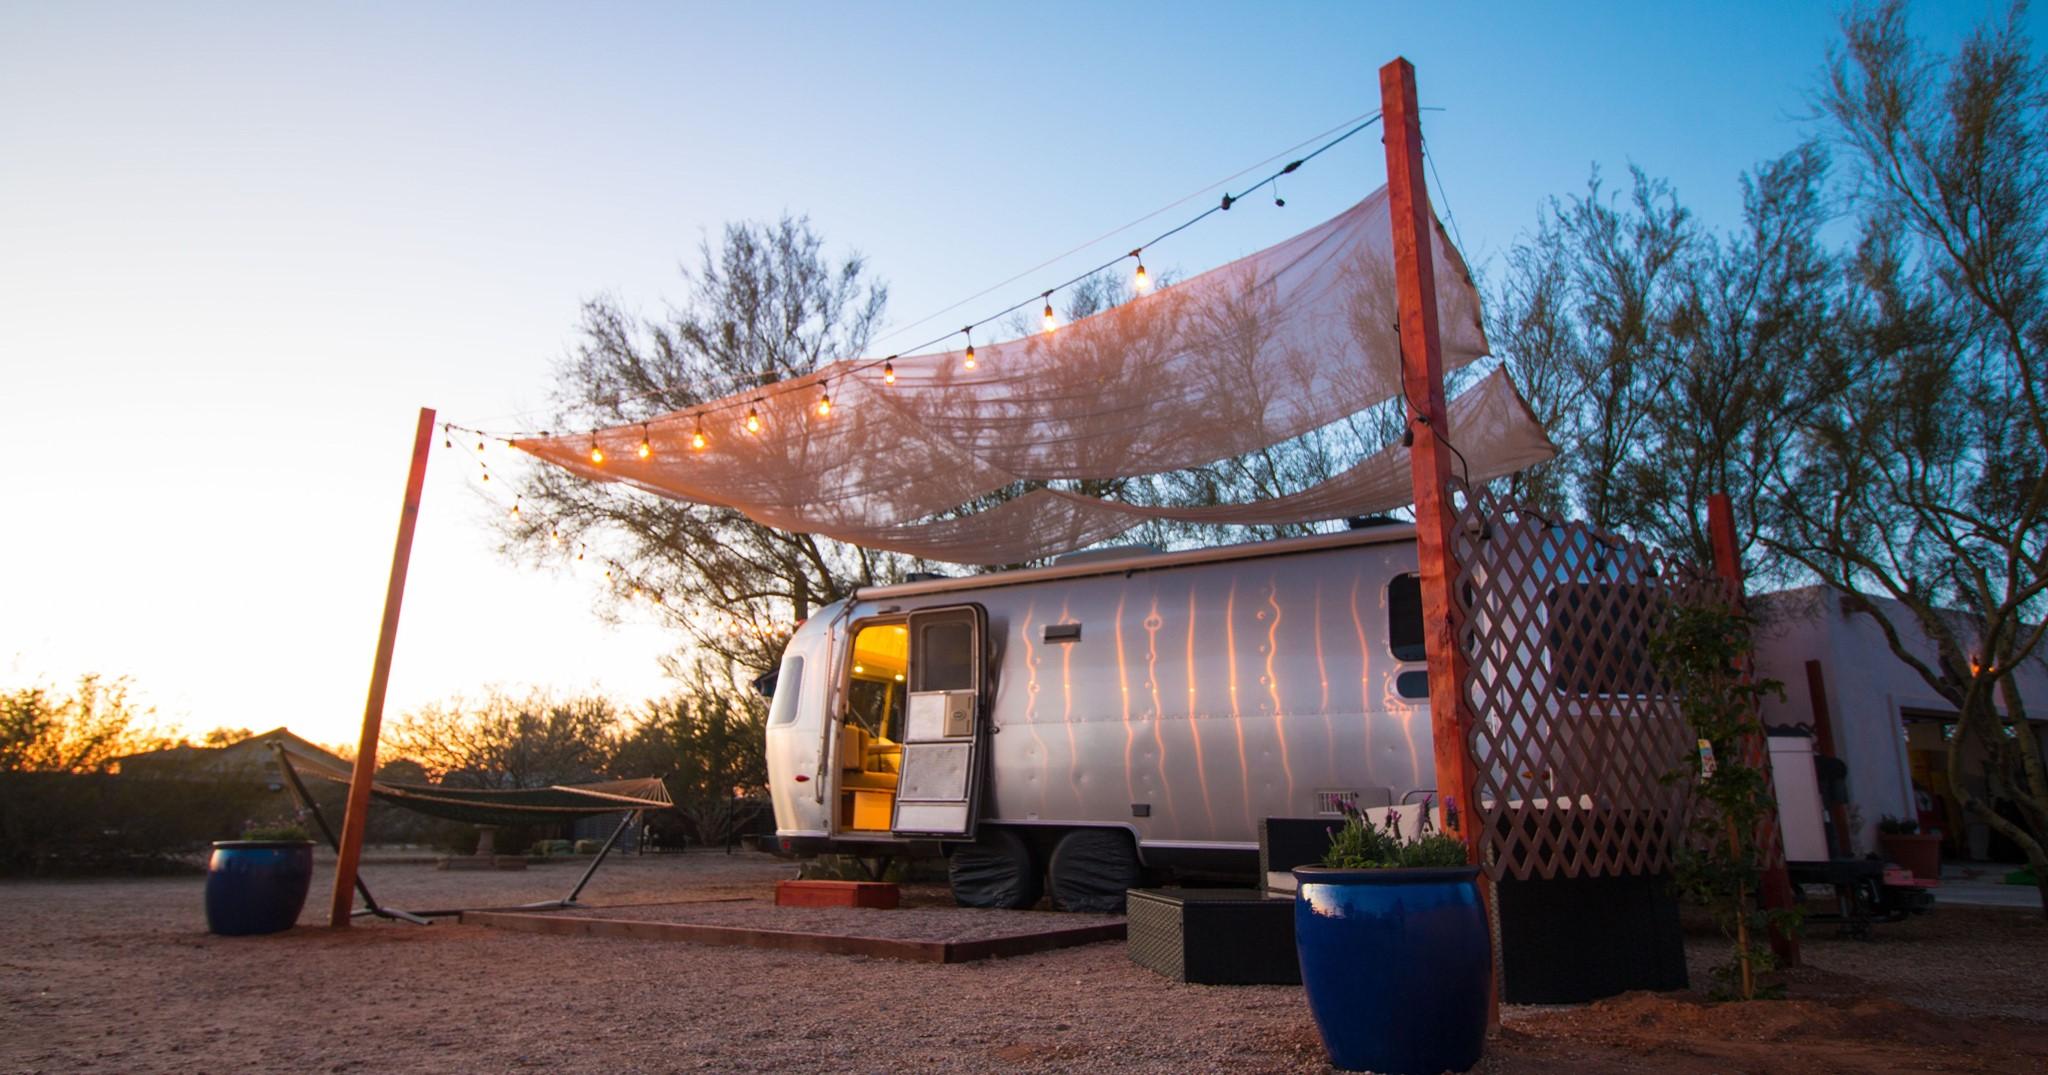 Airstream, camper